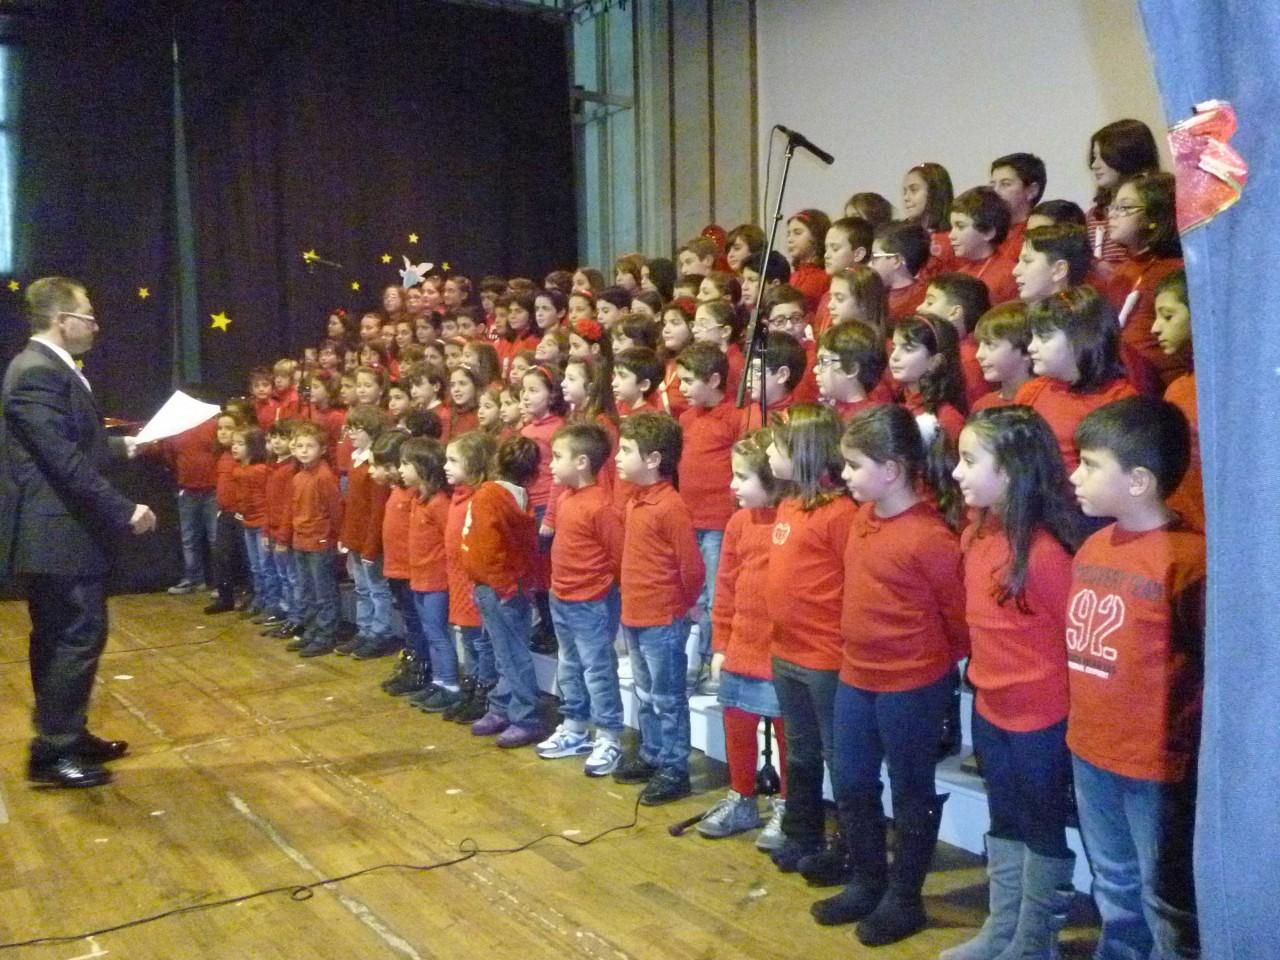 Concerto di Natale 2012 Lamezia Terme